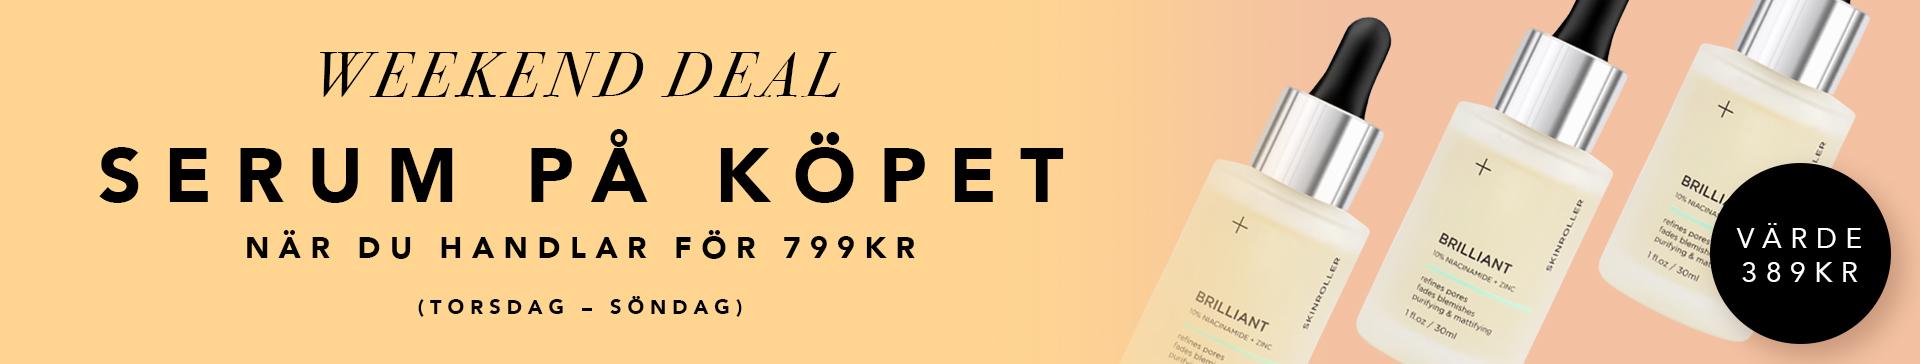 slider-image-https://www.skinroller.se/image/5814/weeekend-deal-banner.jpg